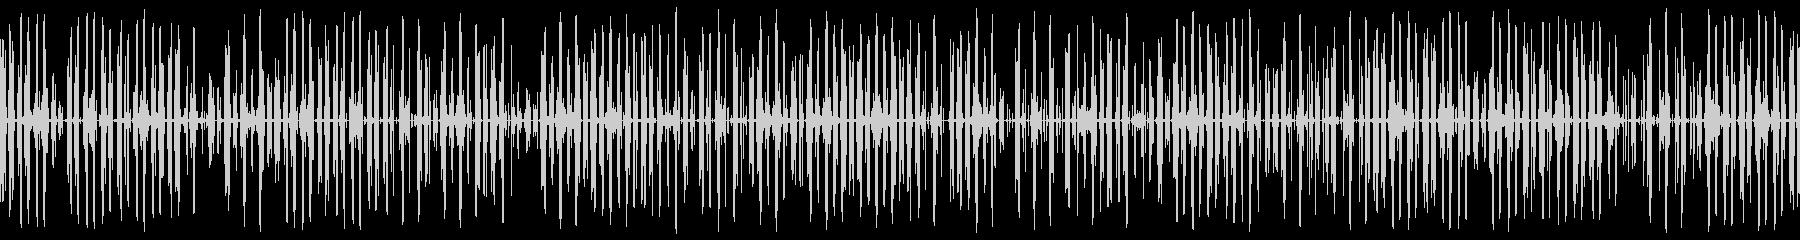 スペースエイジモースコード、ファー...の未再生の波形